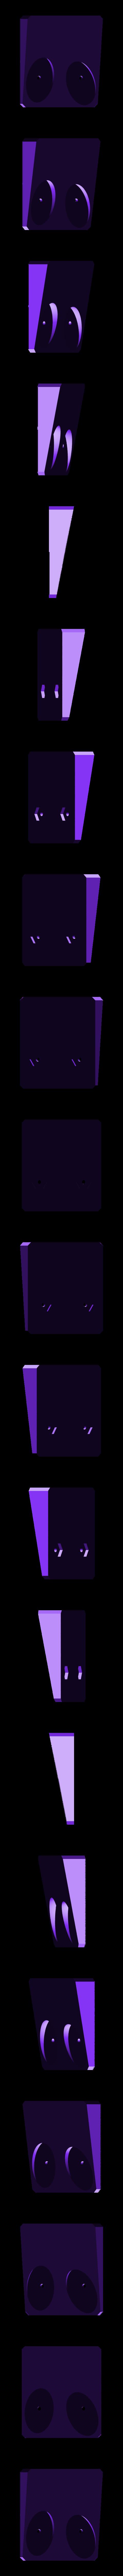 base_2_plane.stl Télécharger fichier STL gratuit Les outils sont l'homme • Modèle pour imprimante 3D, Job